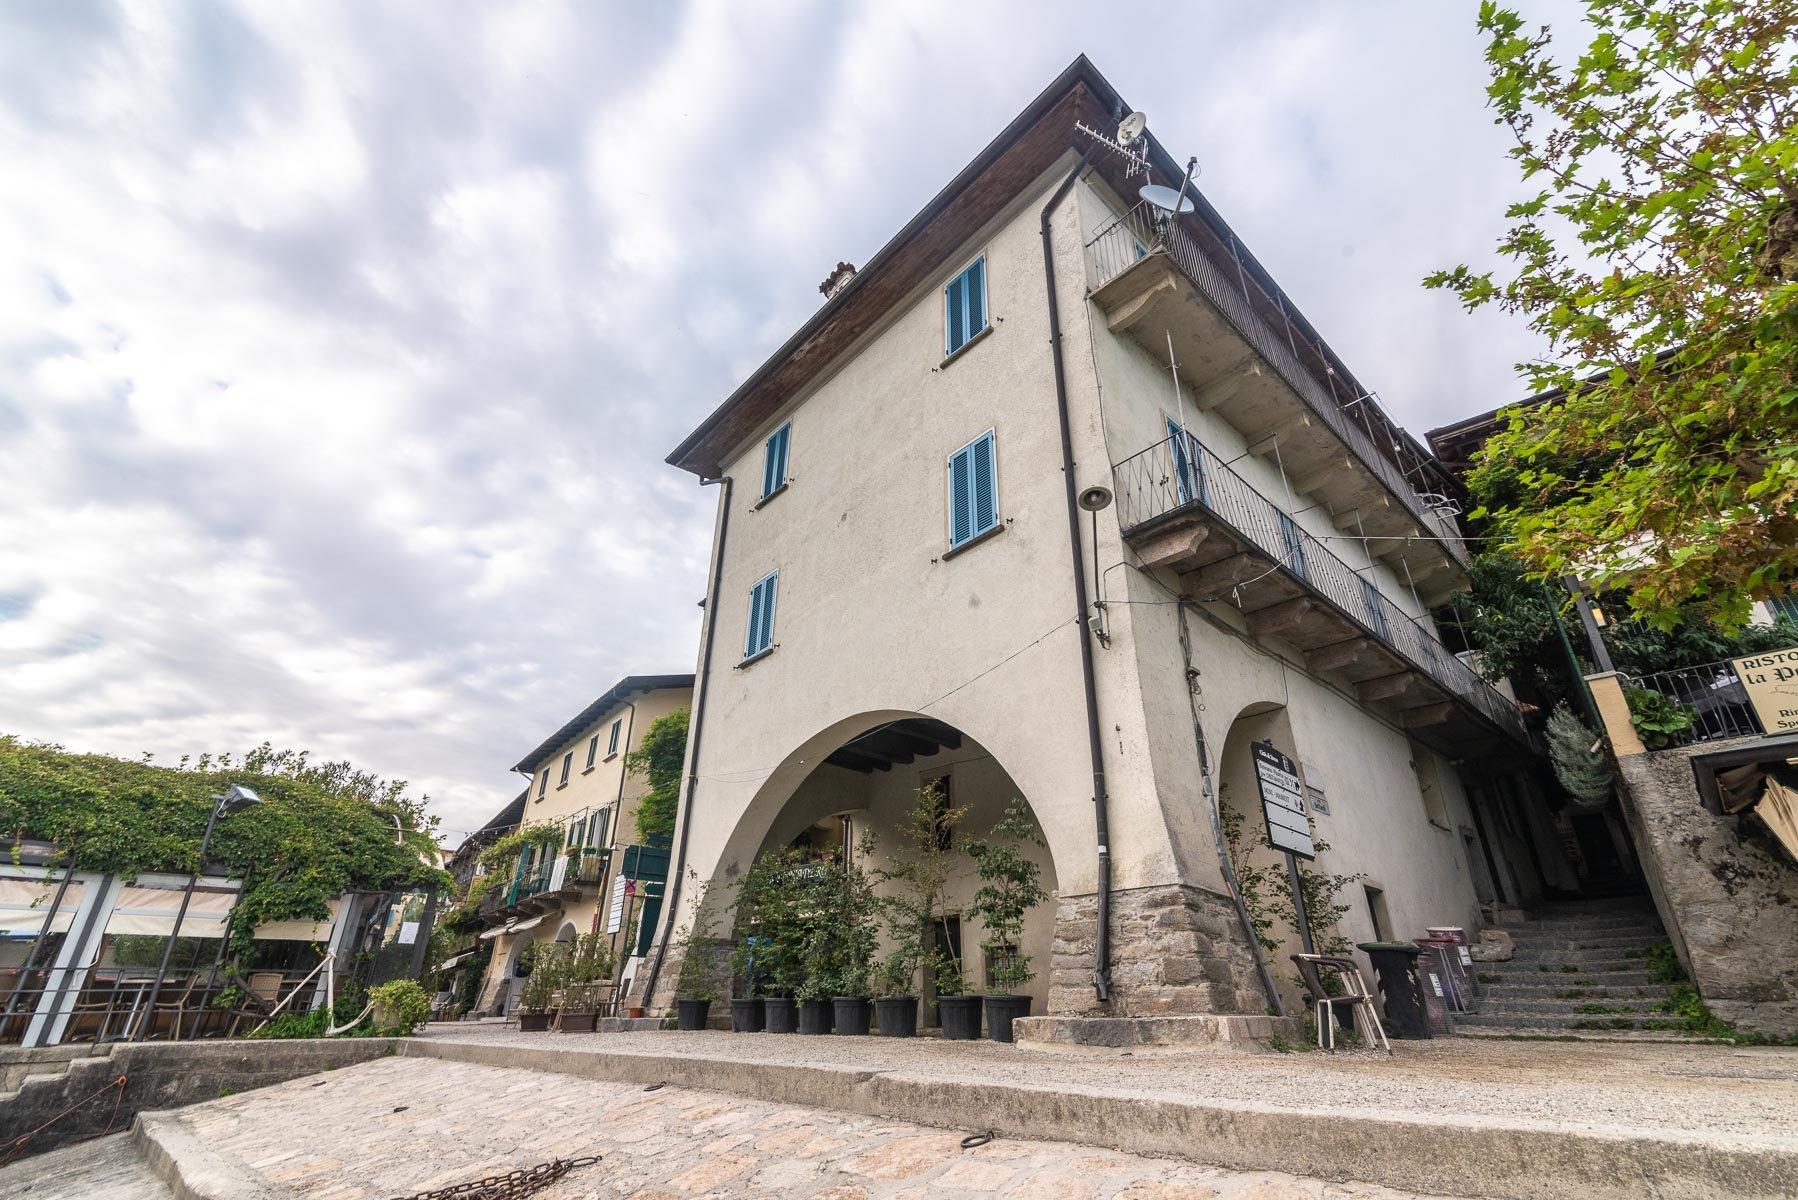 Apartment for sale in Pescatori Island, Stresa - building outside